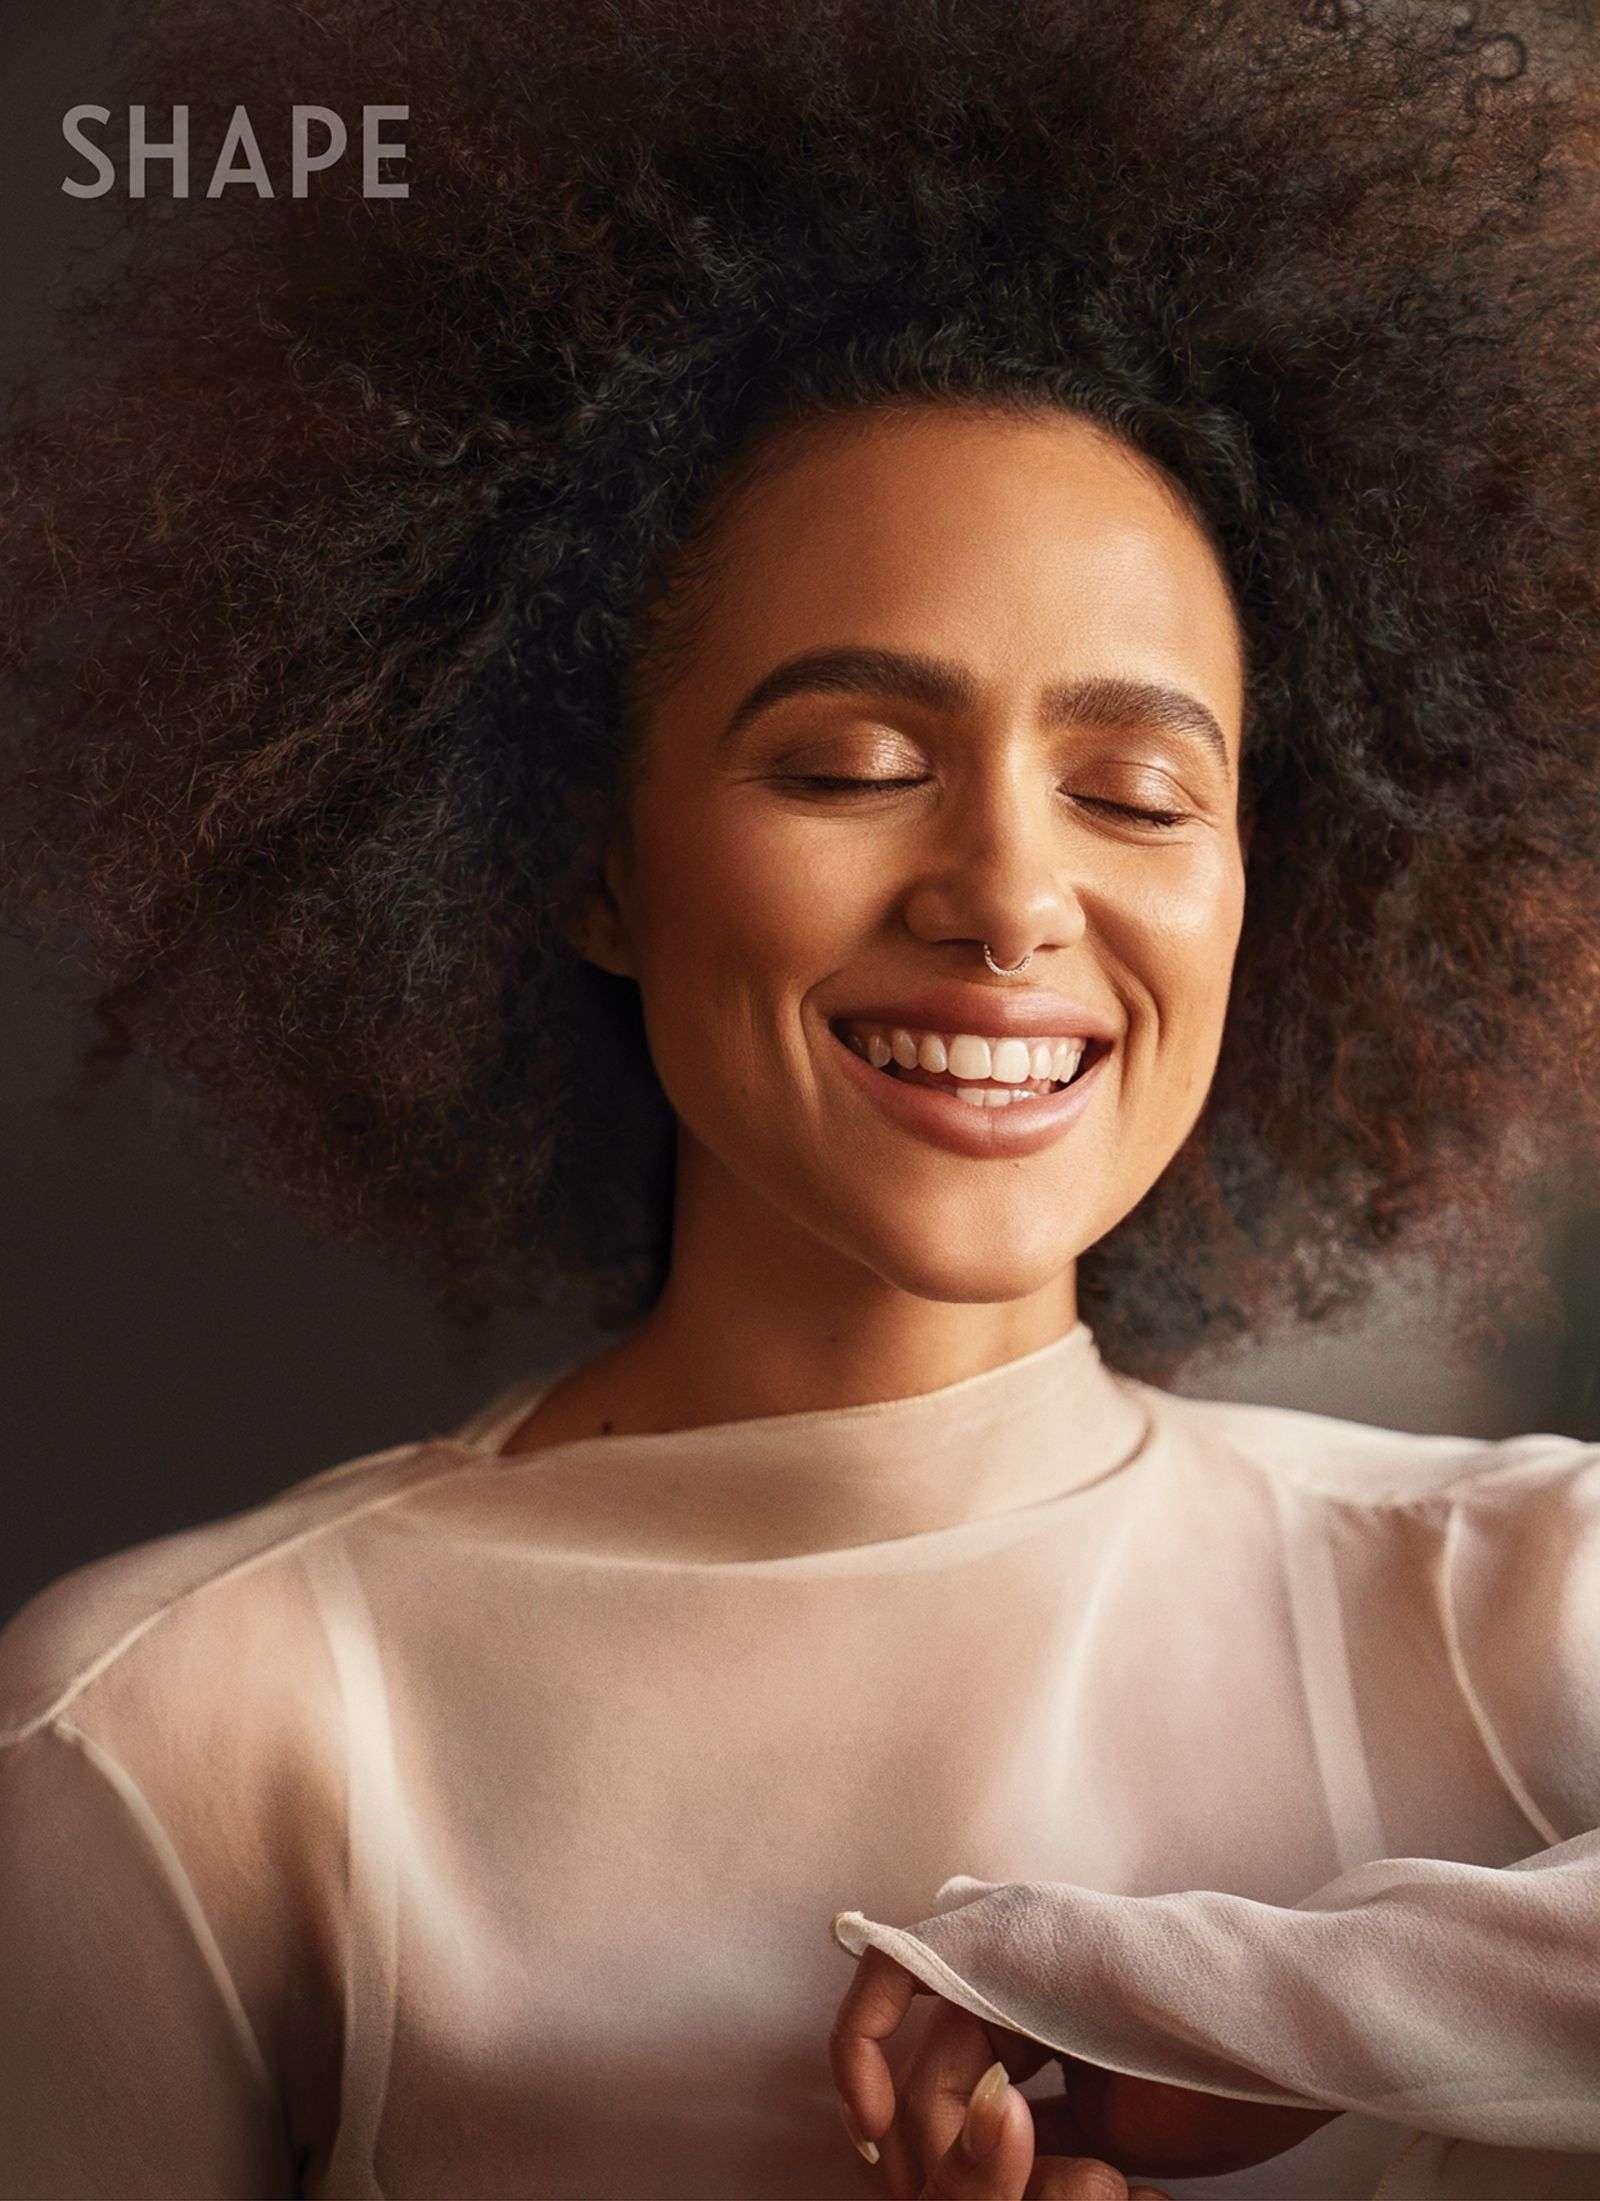 Nathalie Emmanuel Hot PhotoShoot For Shape 2020 HD